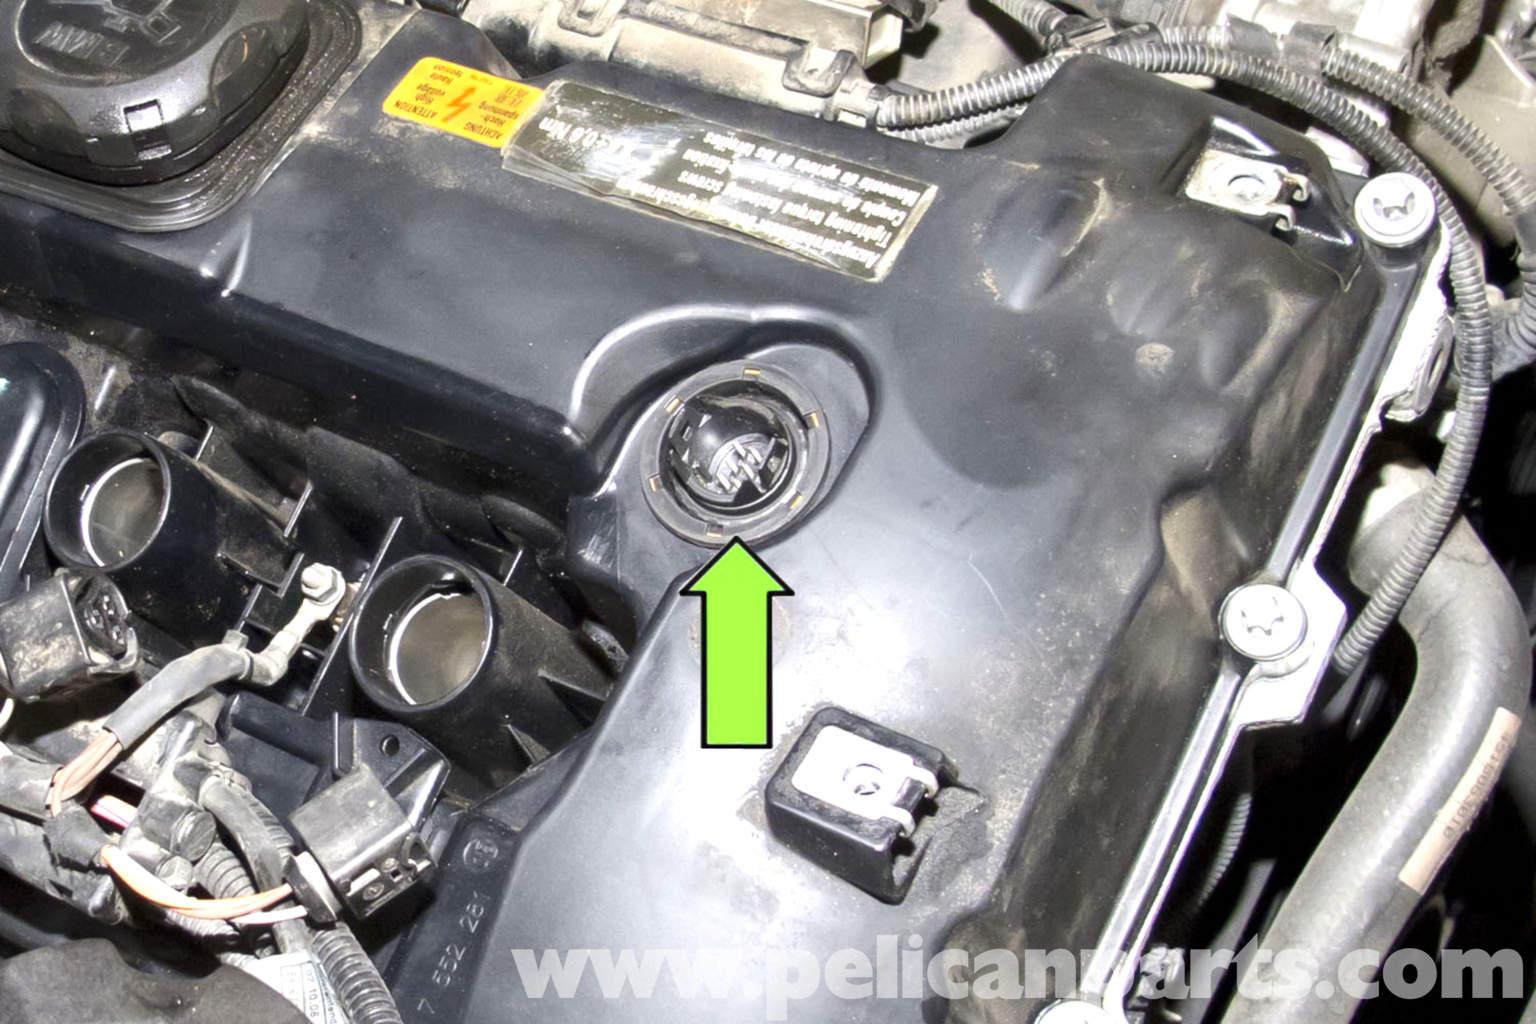 hight resolution of bmw e90 eccentric shaft position sensor replacement e91 e92 e93 hyundai wiring diagram motor wiring diagram bmw e90 eccentric